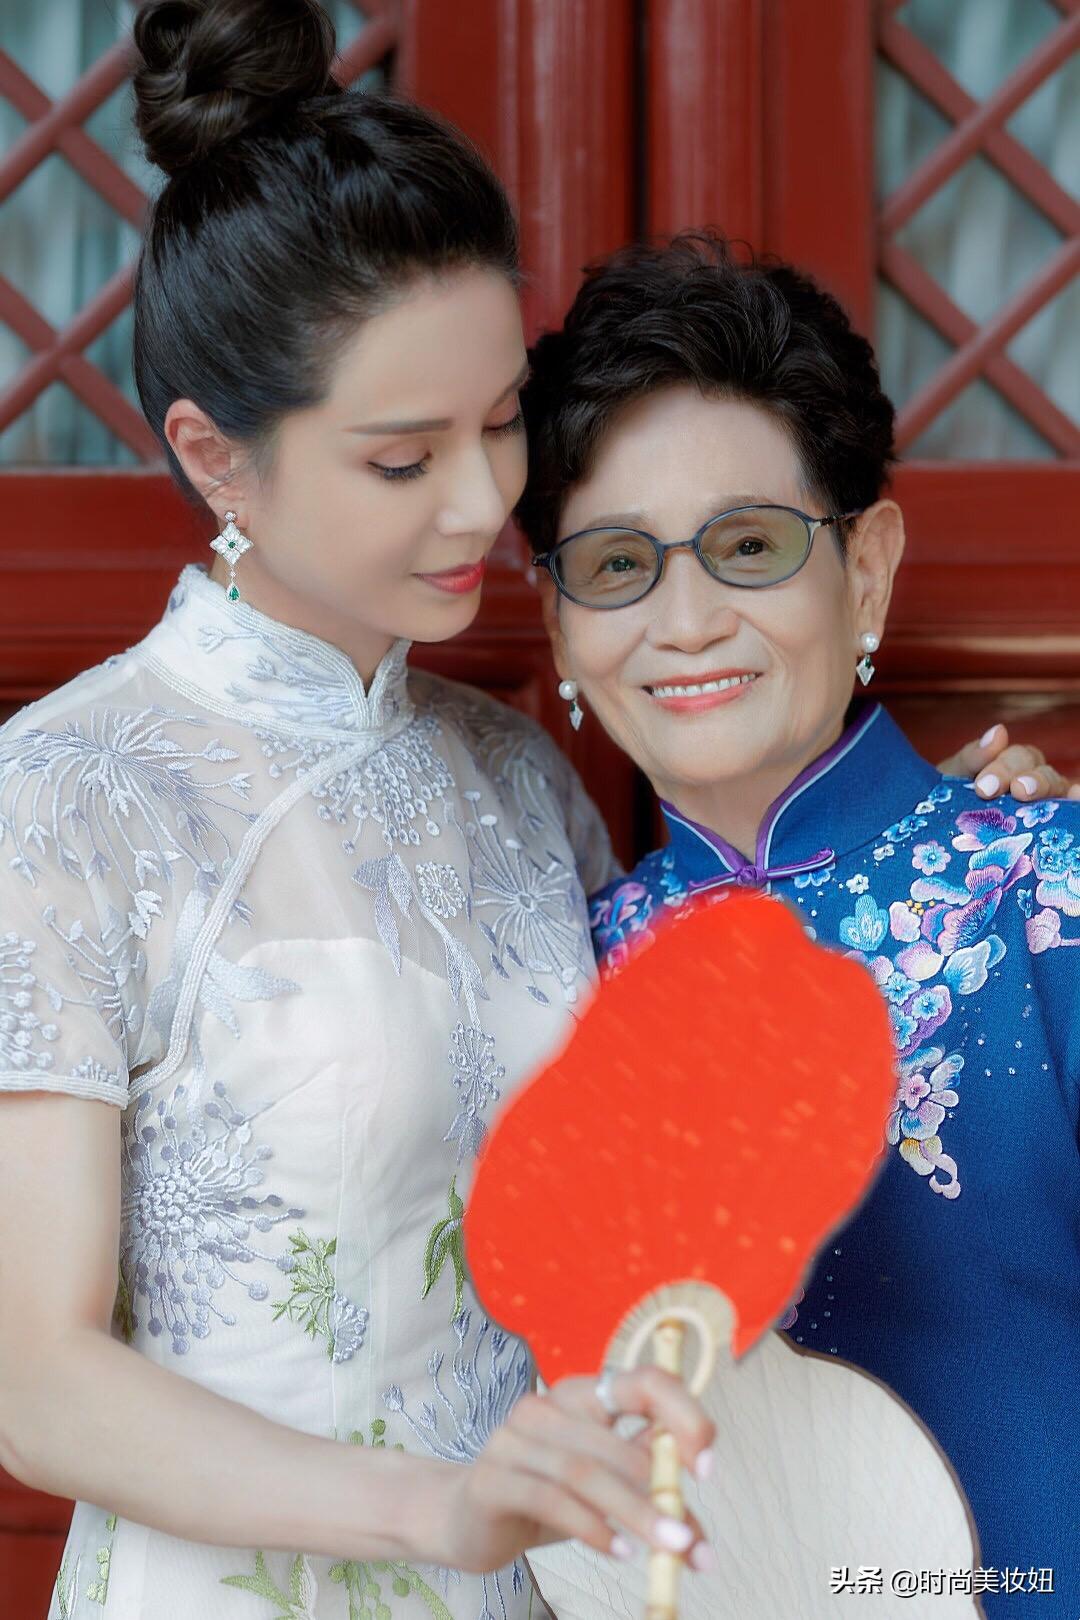 小龙女李若彤与妈妈同框,穿旗袍拿扇子很古典,妈妈气质也不输